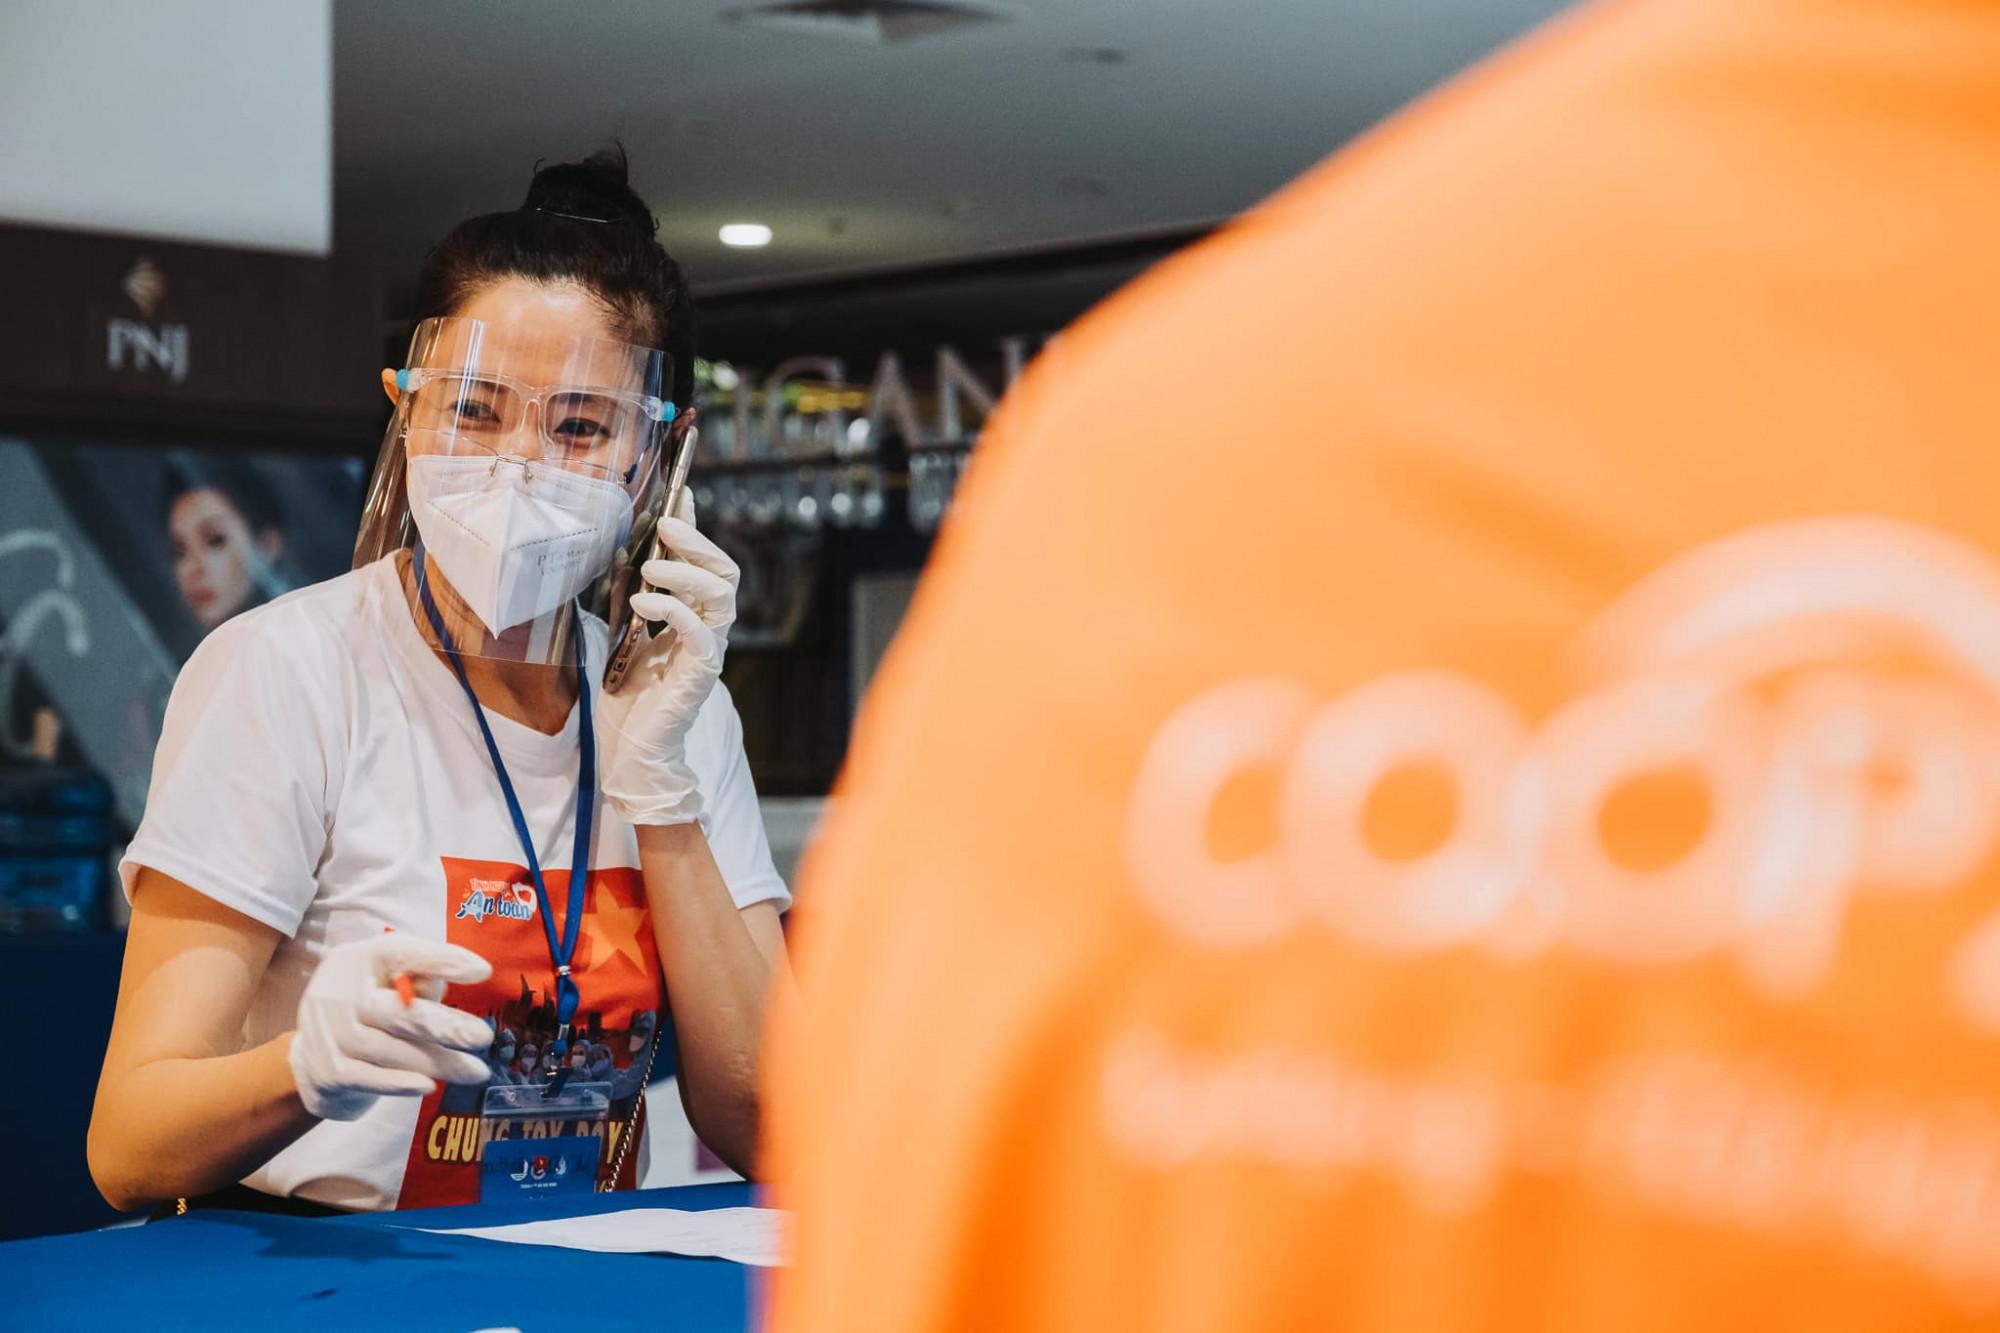 MC Quỳnh Hoa tất bật gọi điện thoại xác nhận và chốt đơn hàng cho người dân.